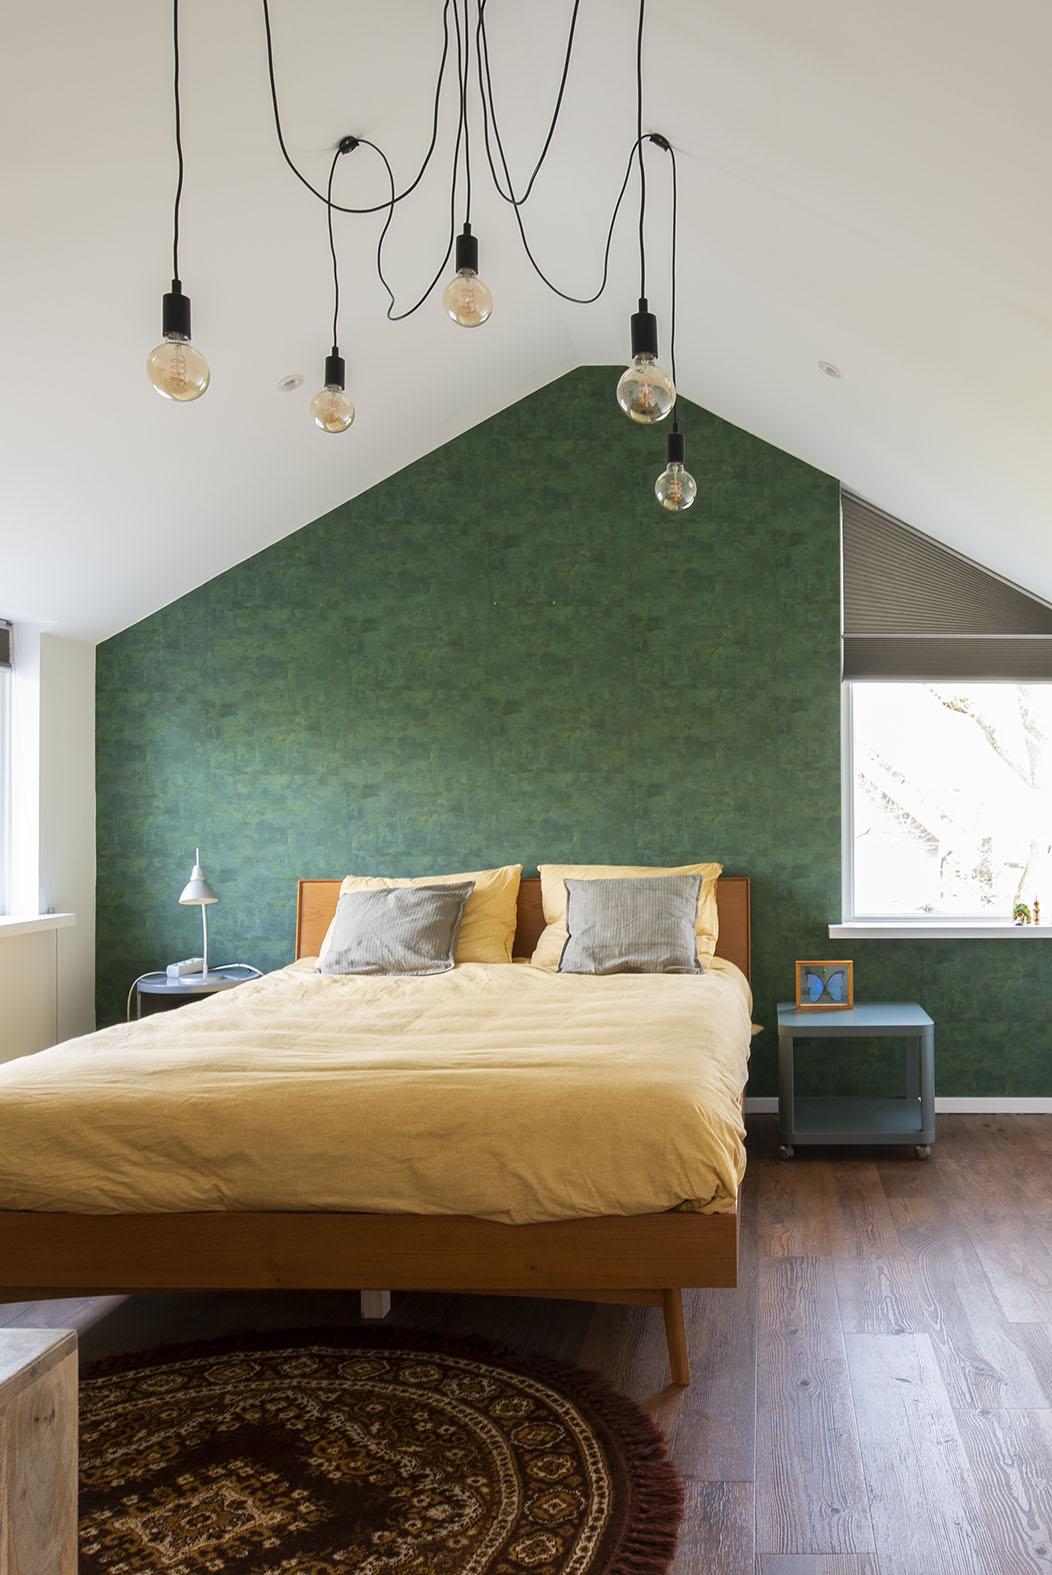 Slaapkamer vintage interieuradvies slaapkameradvies Den Bosch groen behang kleine zolder slaapkamer schuin dak interieurontwerp